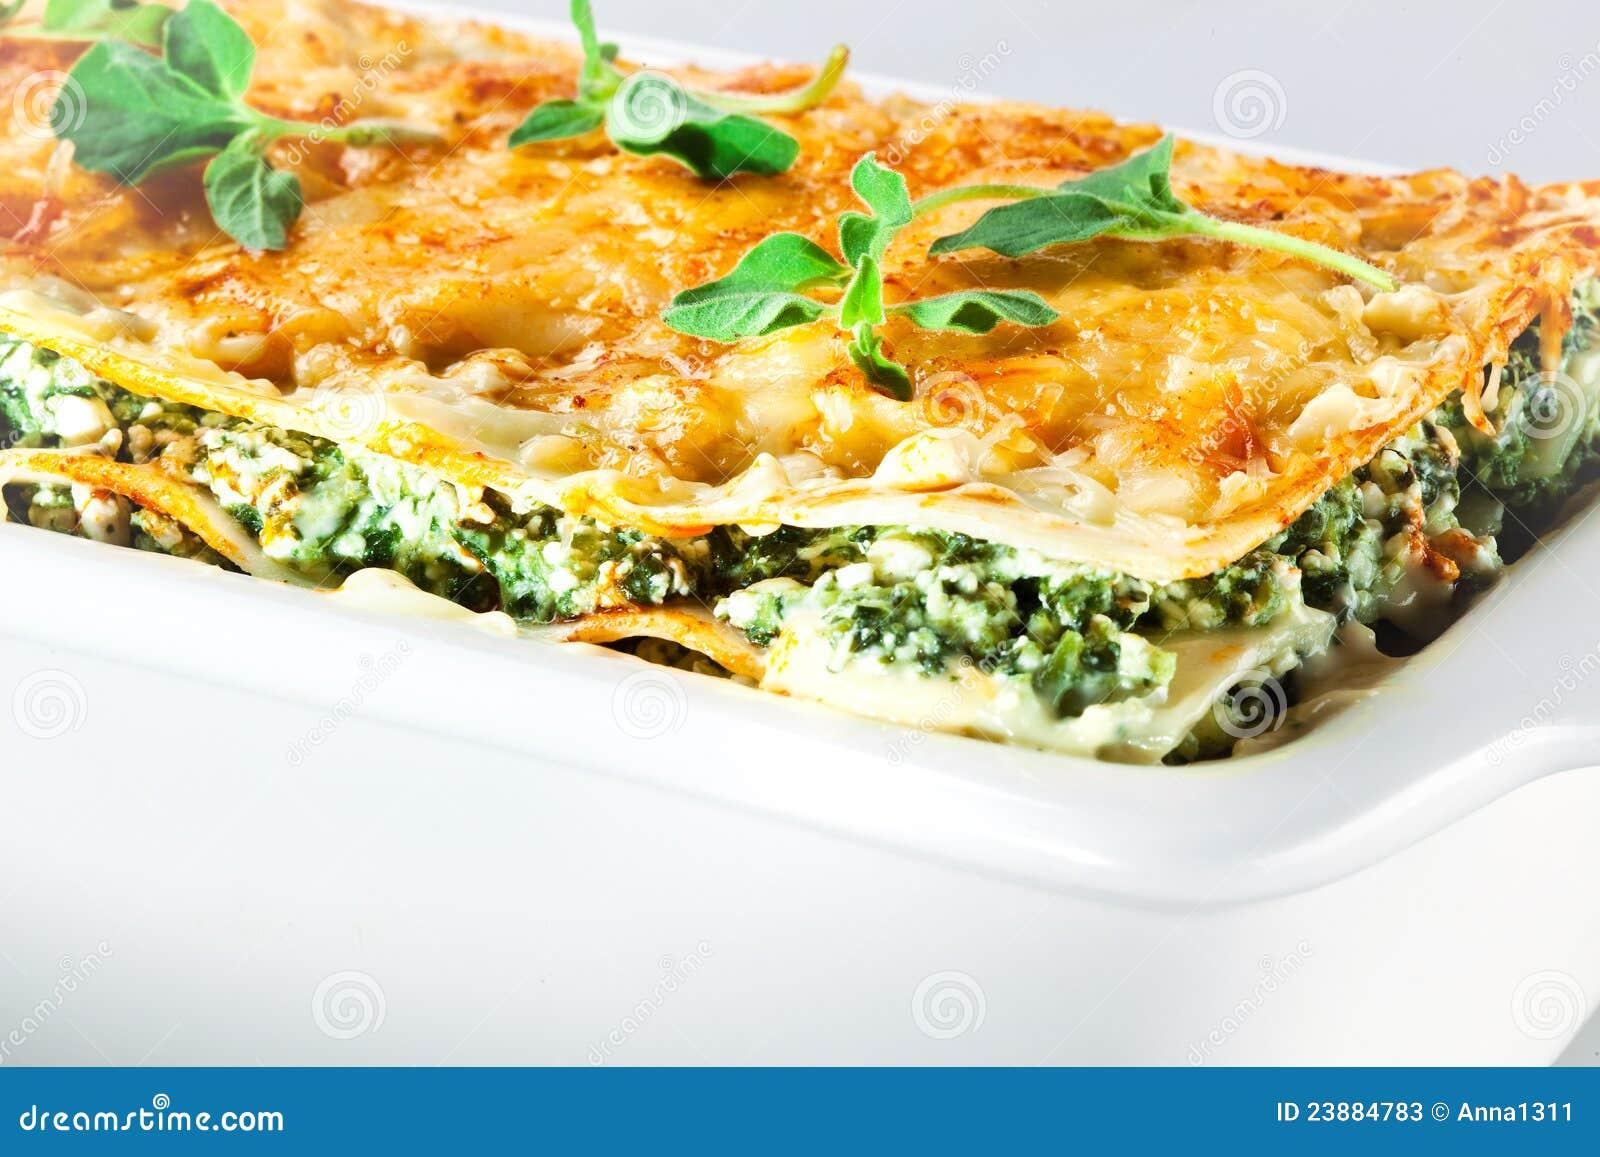 Cucina Italiana. Lasagna Degli Spinaci Con Basilico. Macro Fotografie  #C08D0B 1300 957 Immagini Di Cucina E Soggiorno Insieme